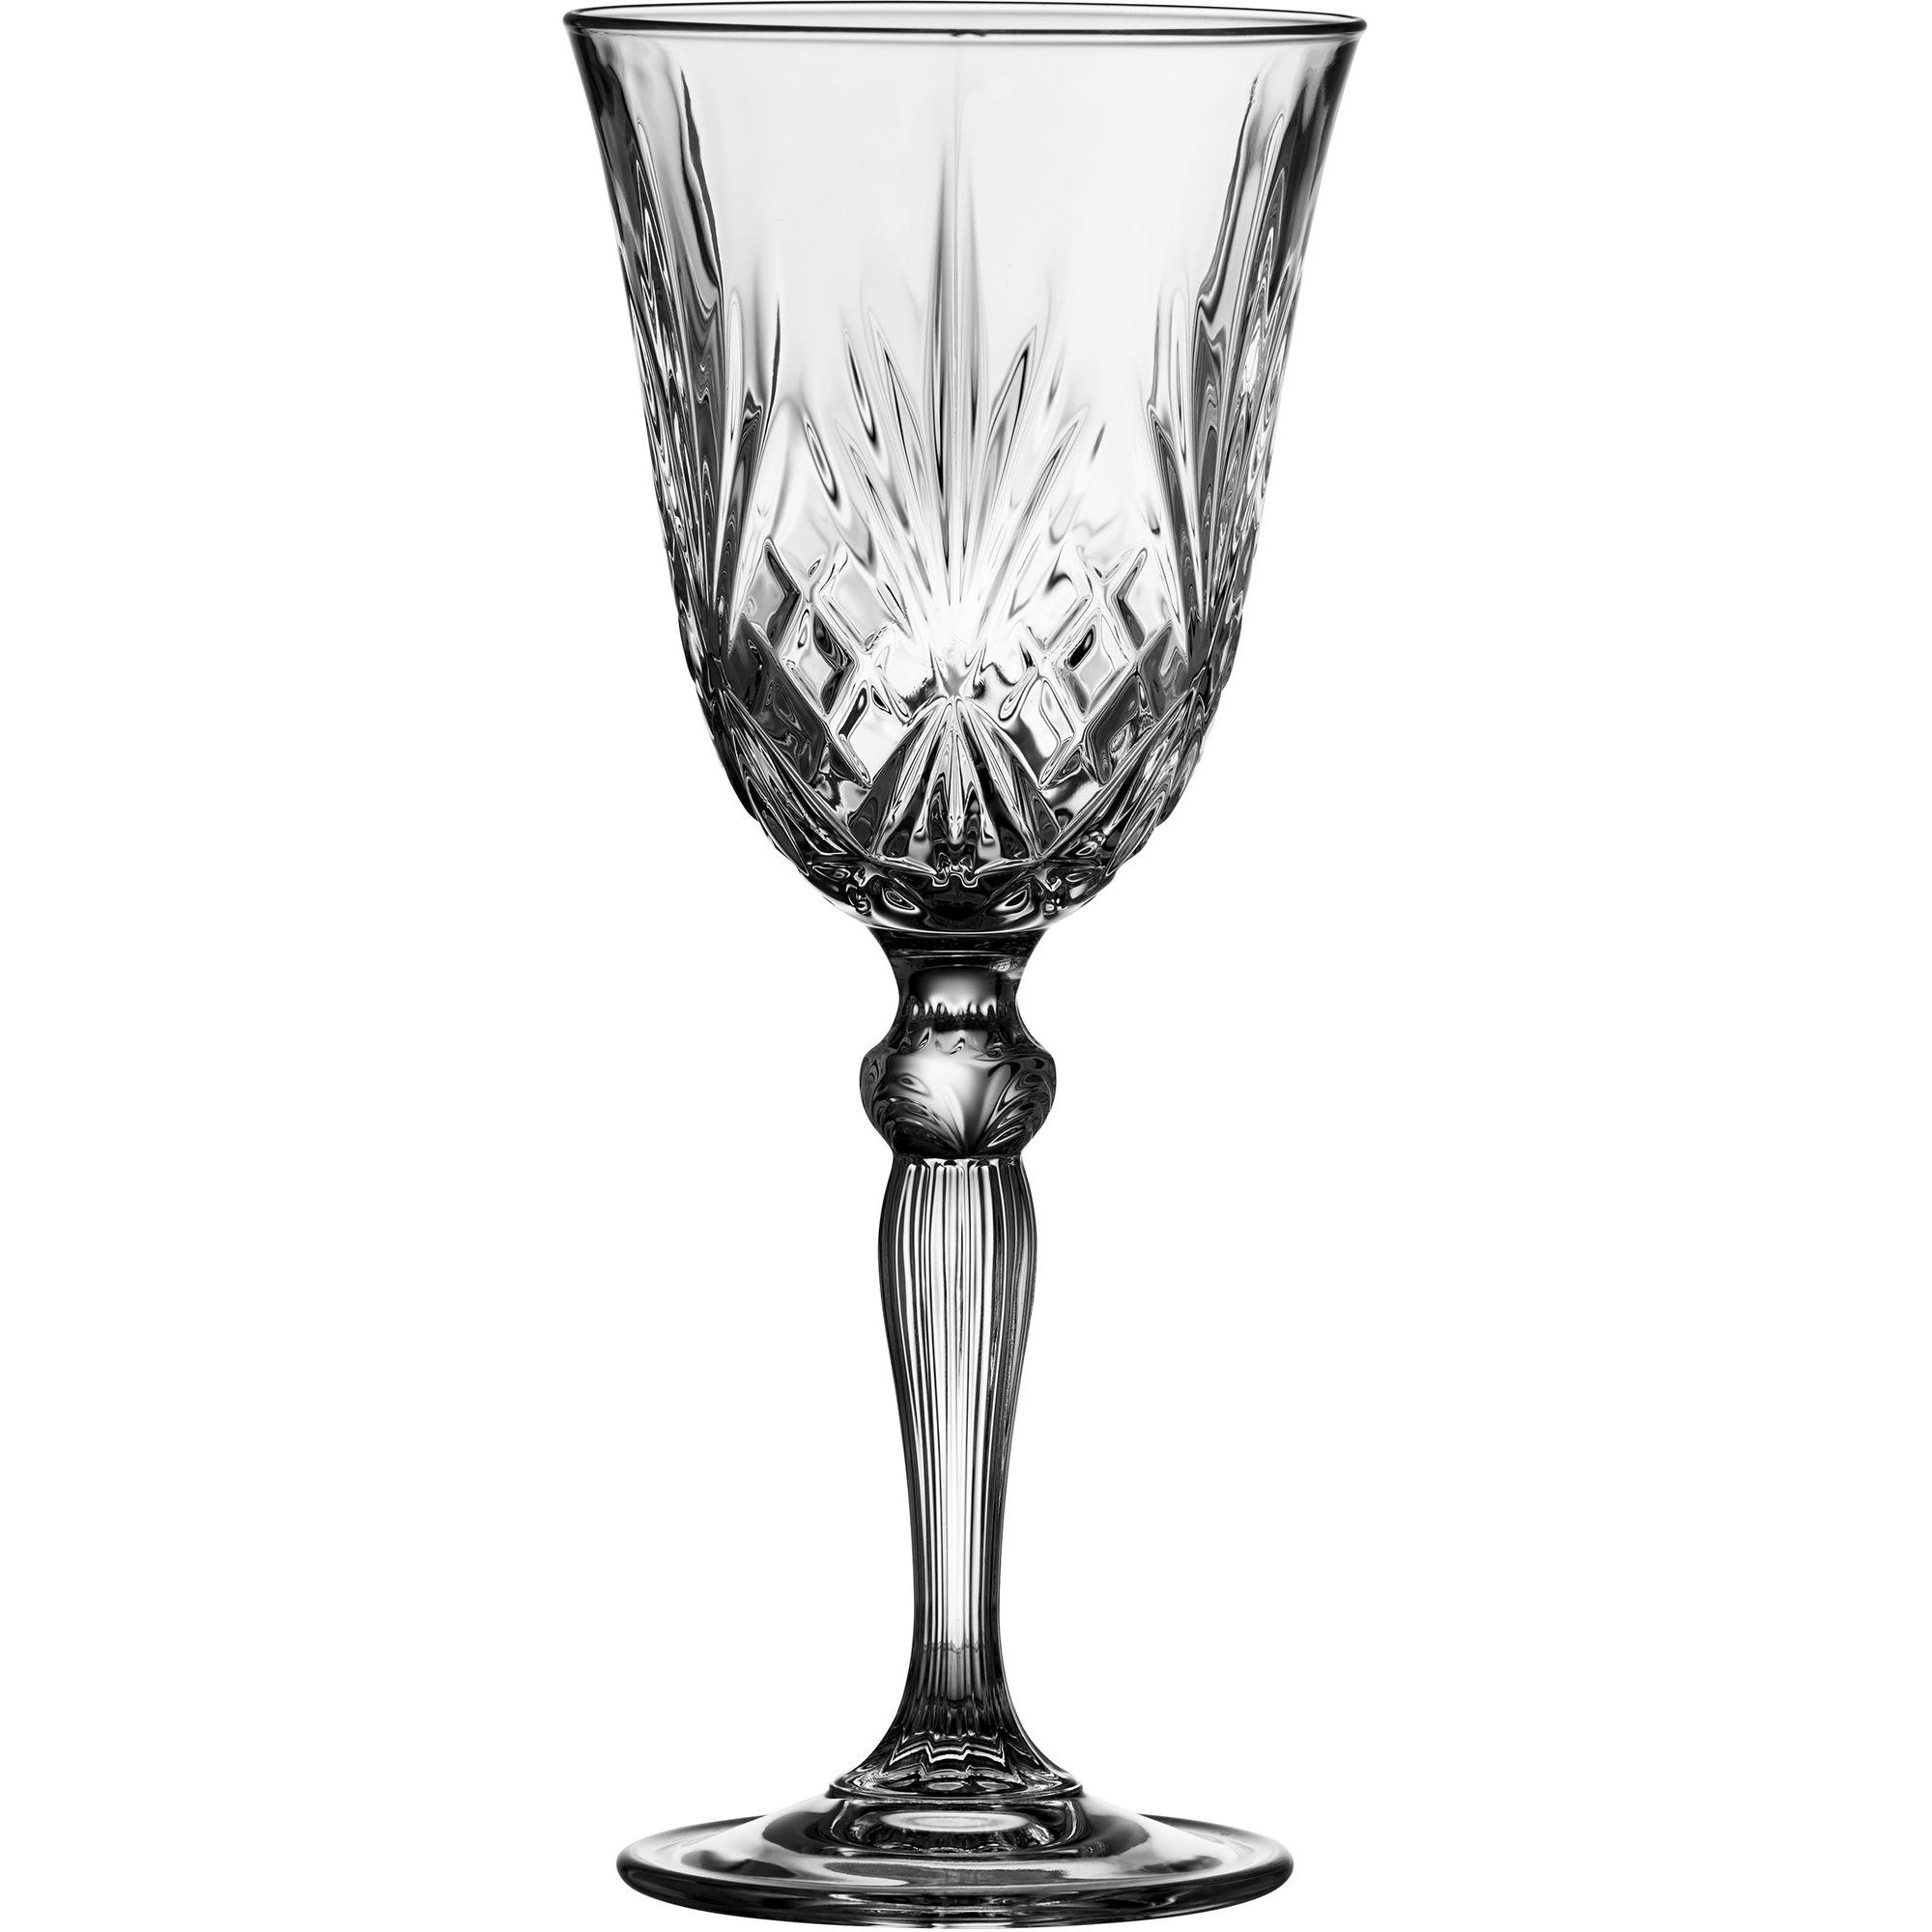 Lyngby Melodia vitvinsglas 4 stk.